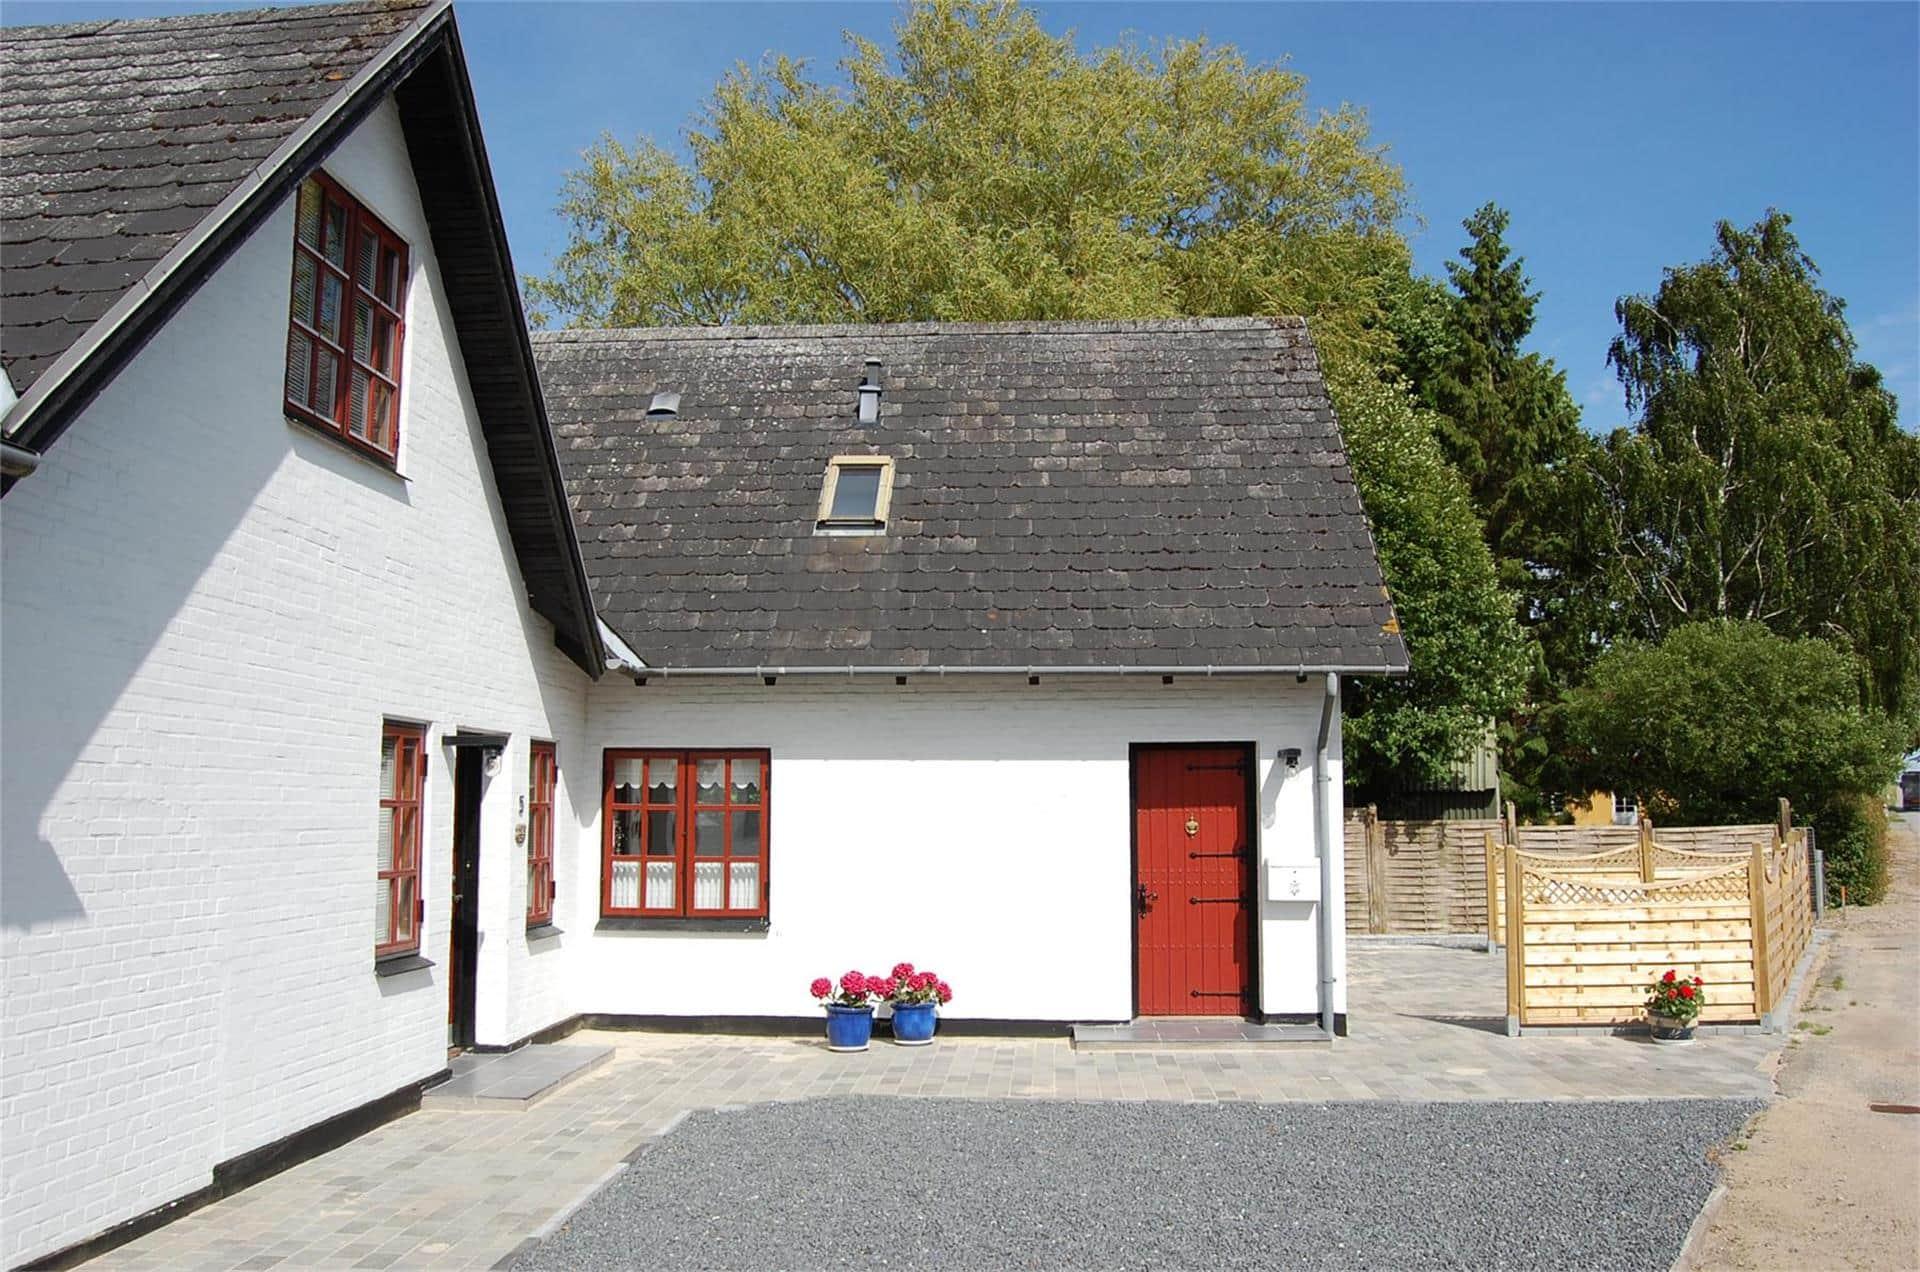 Billede 1-3 Sommerhus M64217, Gl Landevej 7, DK - 5500 Middelfart